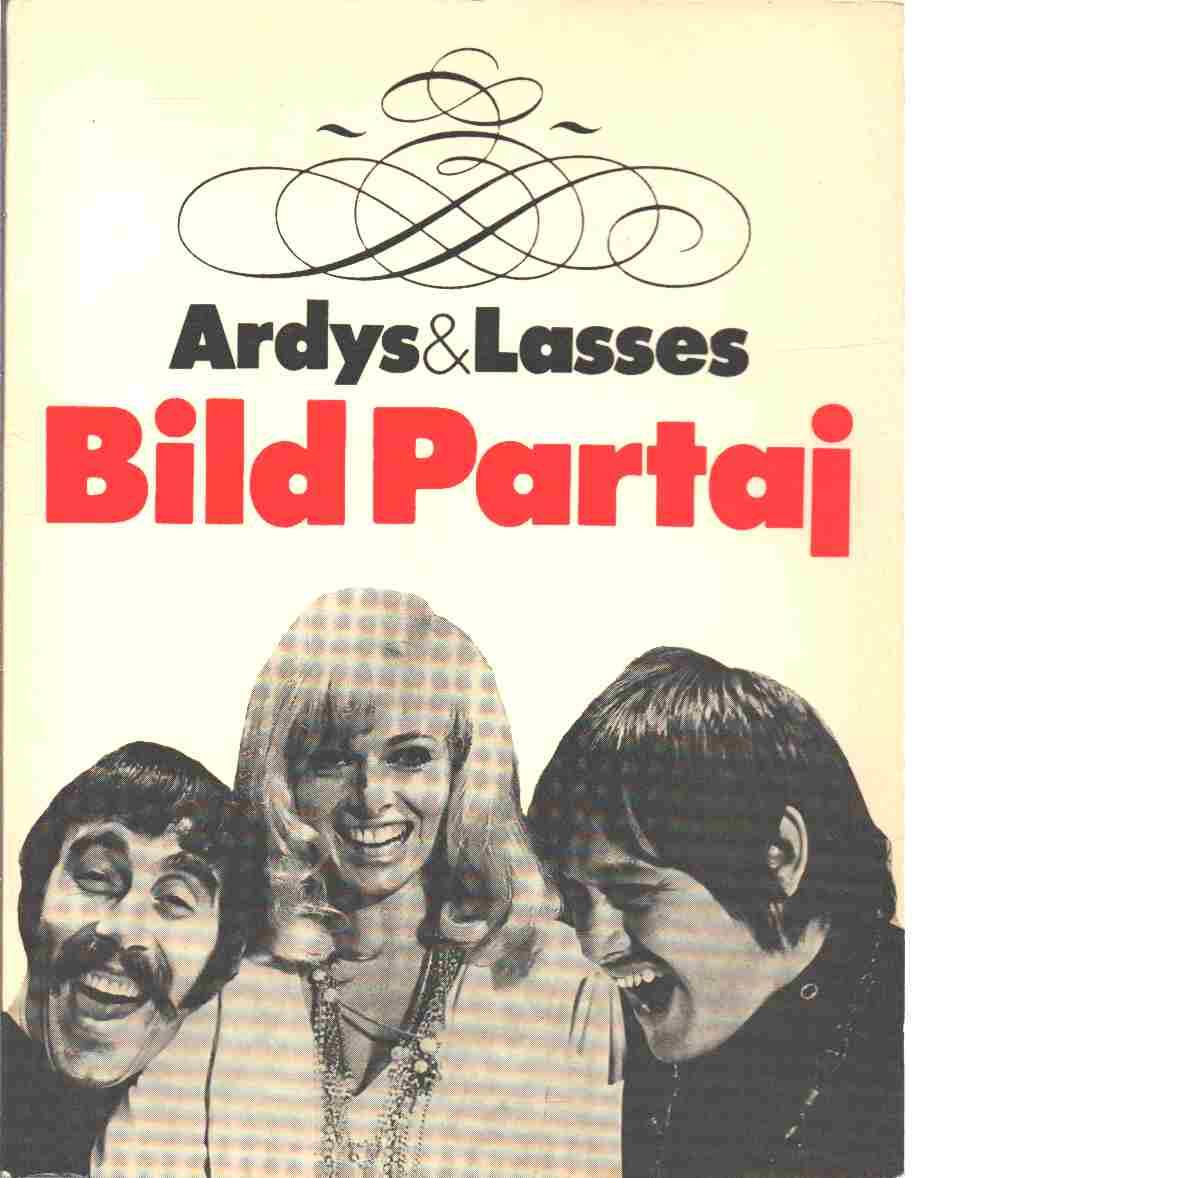 Ardys & Lasses Bild partaj. - Strüwer, Ardy och Åberg, Lasse